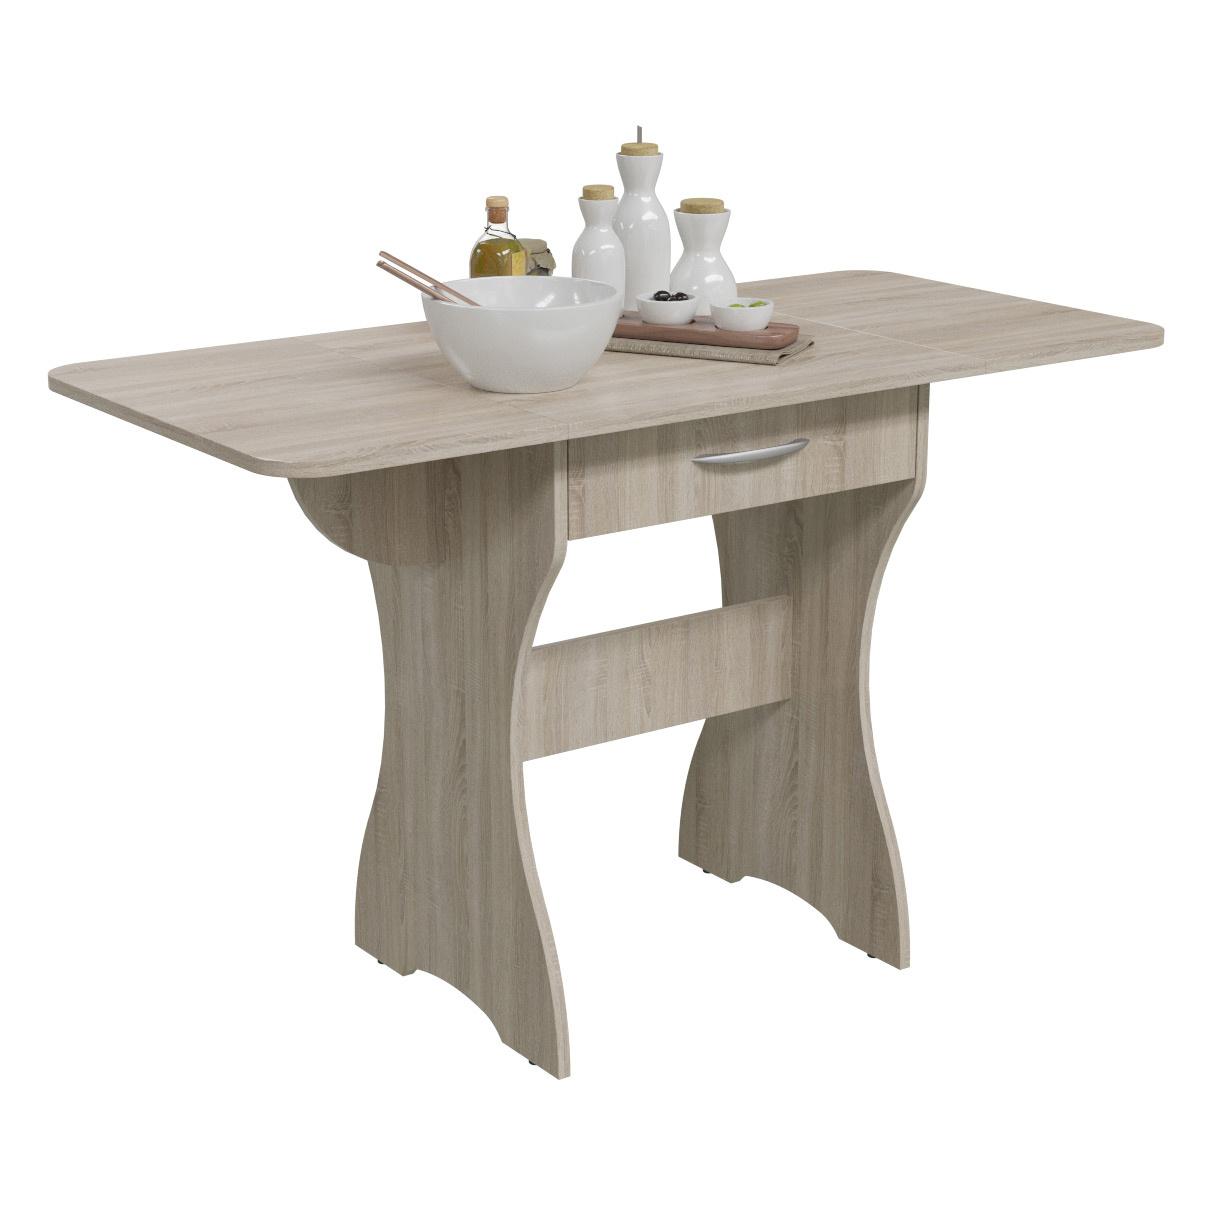 Стол обеденный Гранд-Кволити 6-02.120 дуб сонома, 120х57х75 см